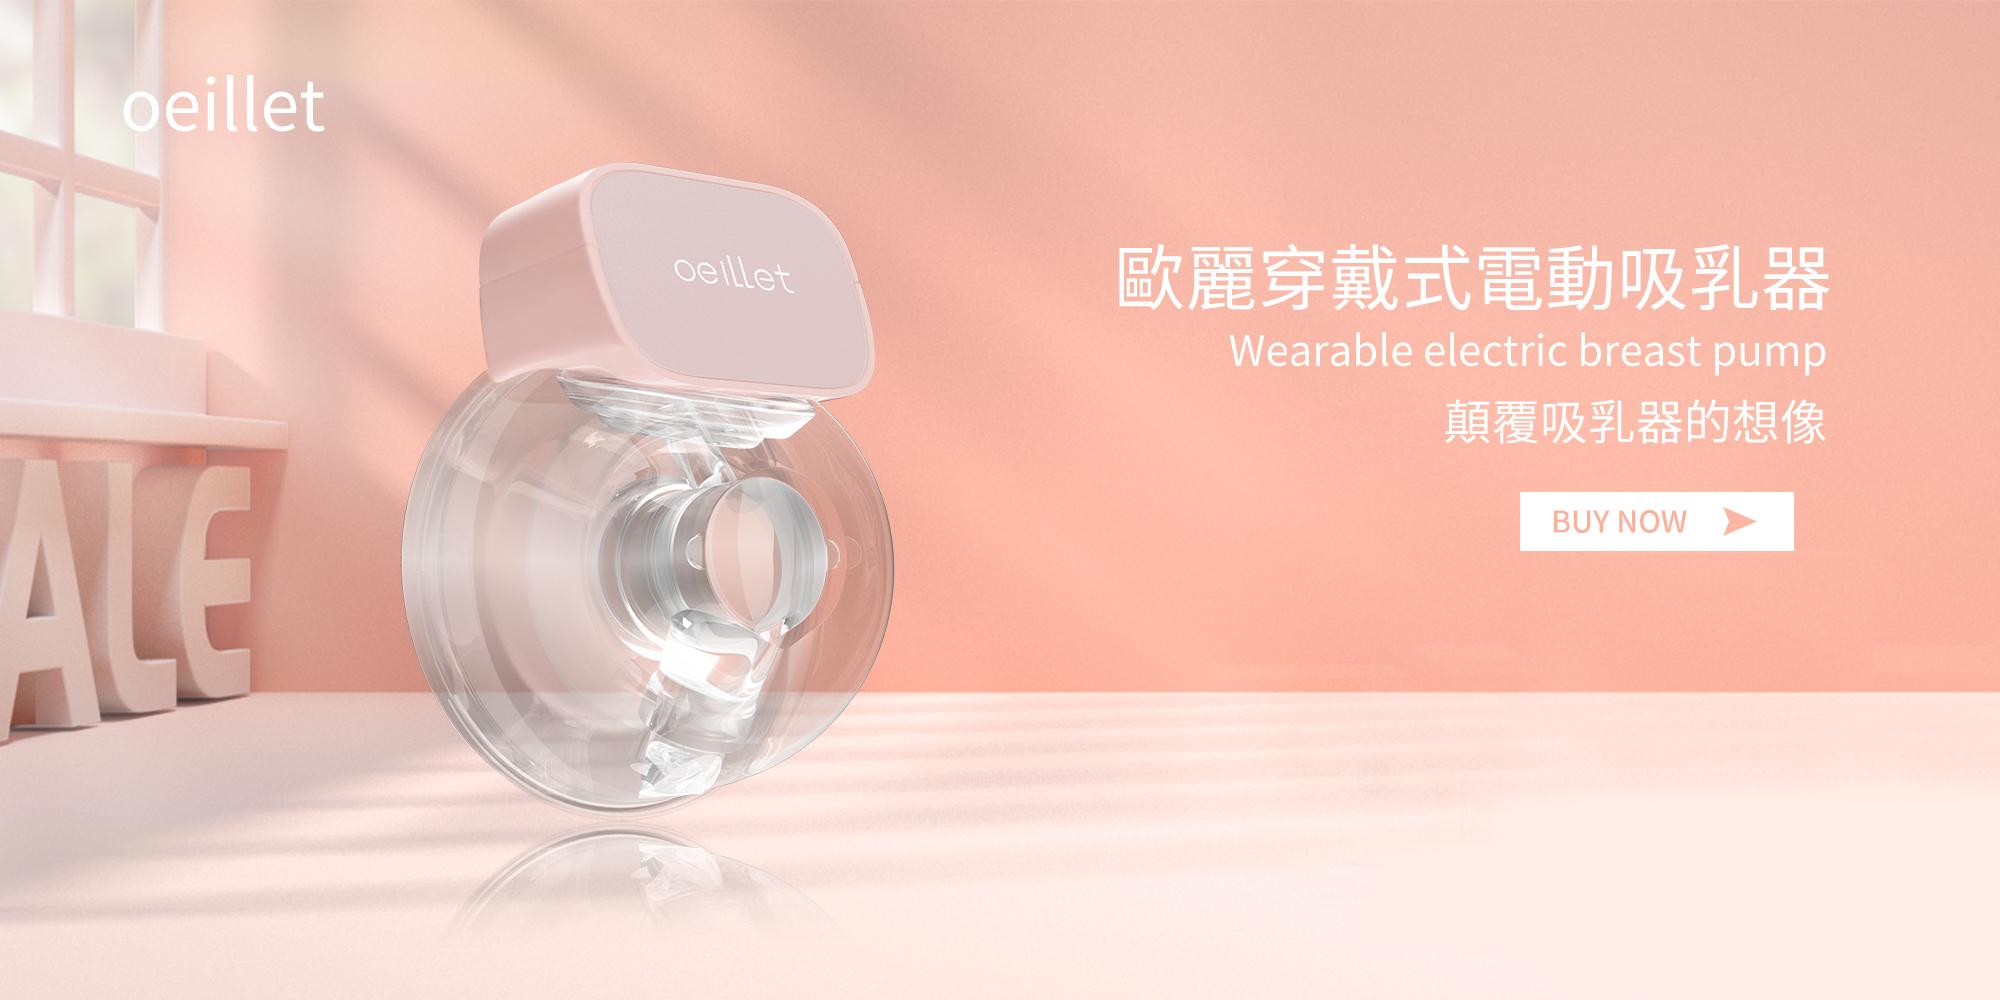 隱形吸乳器, 歐麗免手持電動吸乳器, 穿戴式電動吸乳器